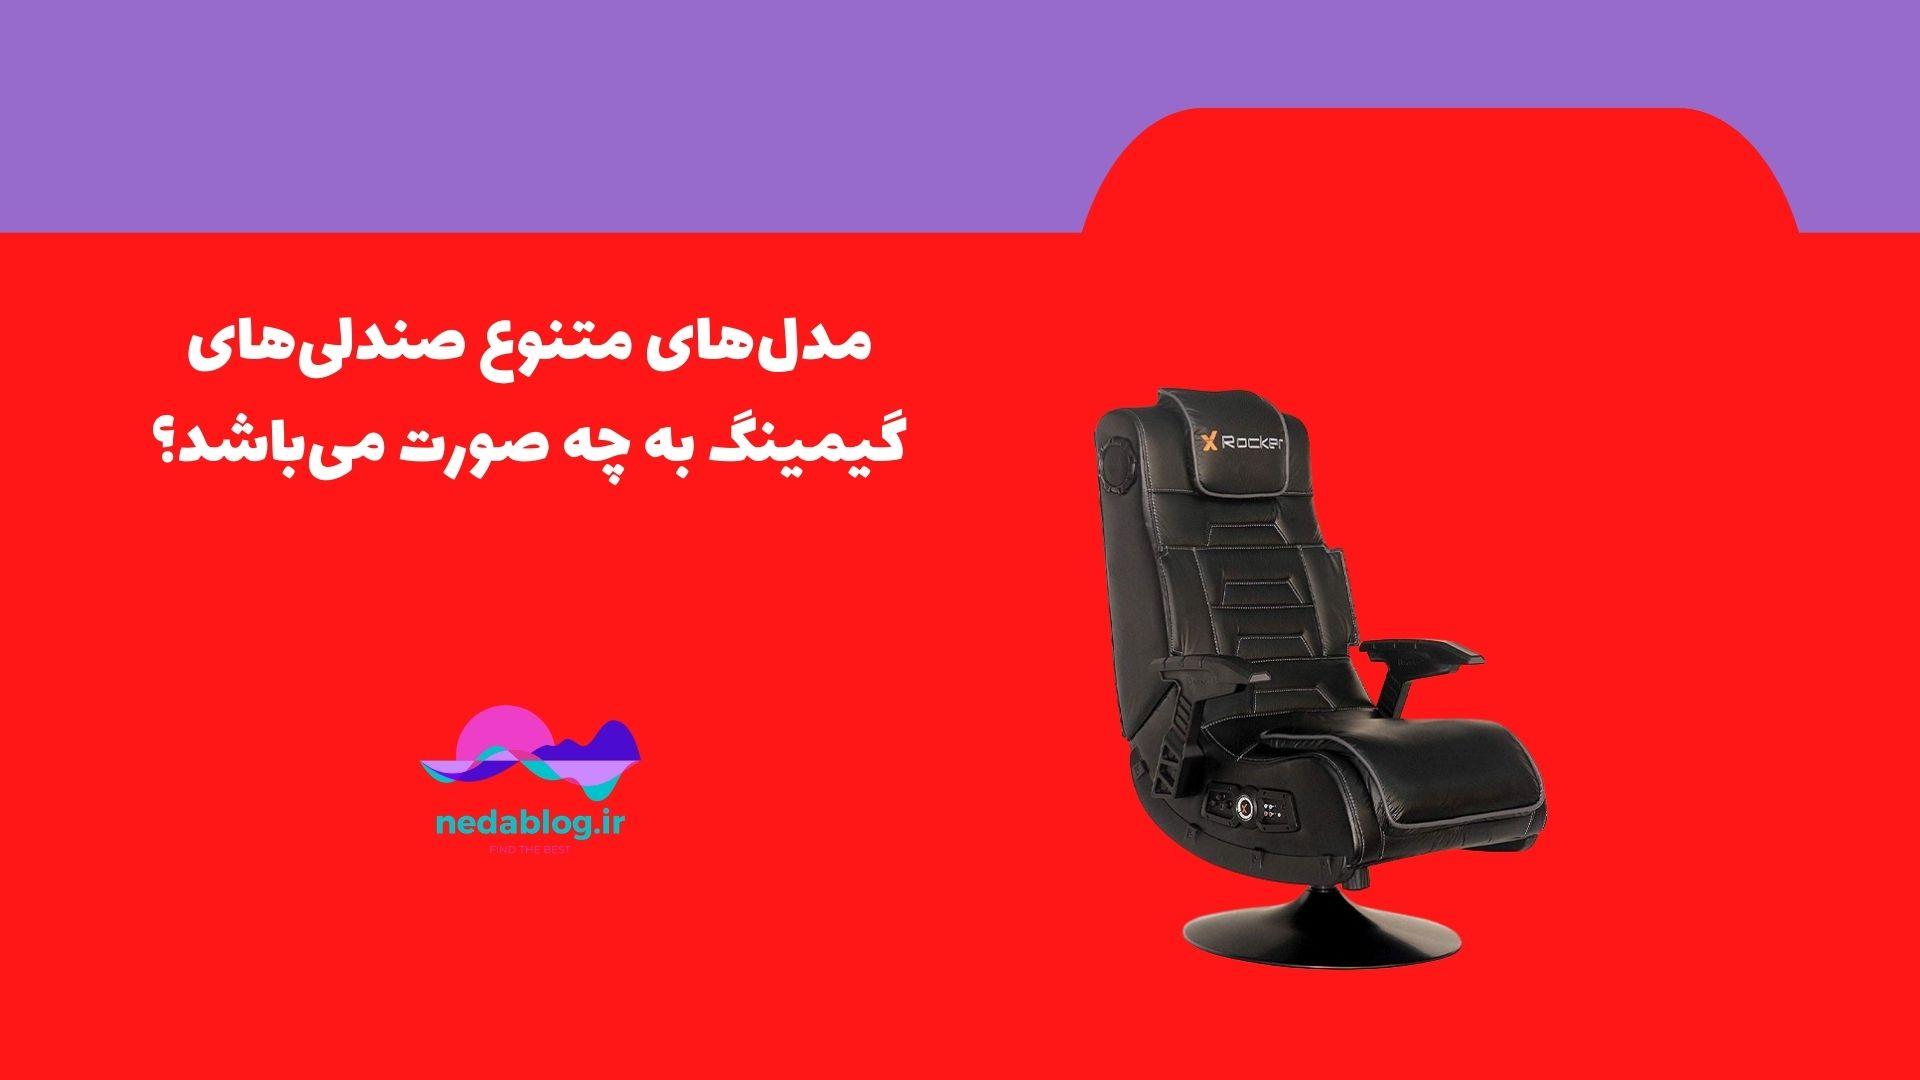 مدلهای متنوع صندلیهای گیمینگ به چه صورت می باشد؟